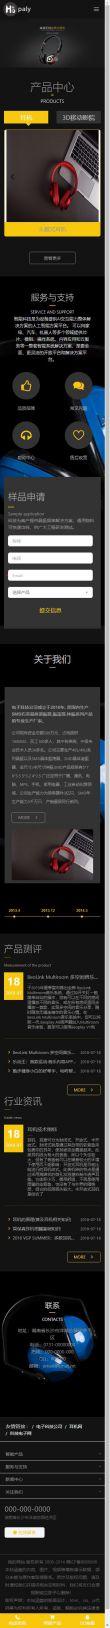 电子科技产品公司网站模板,电子科技产品公司网页模板,电子科技产品公司响应式网站模板